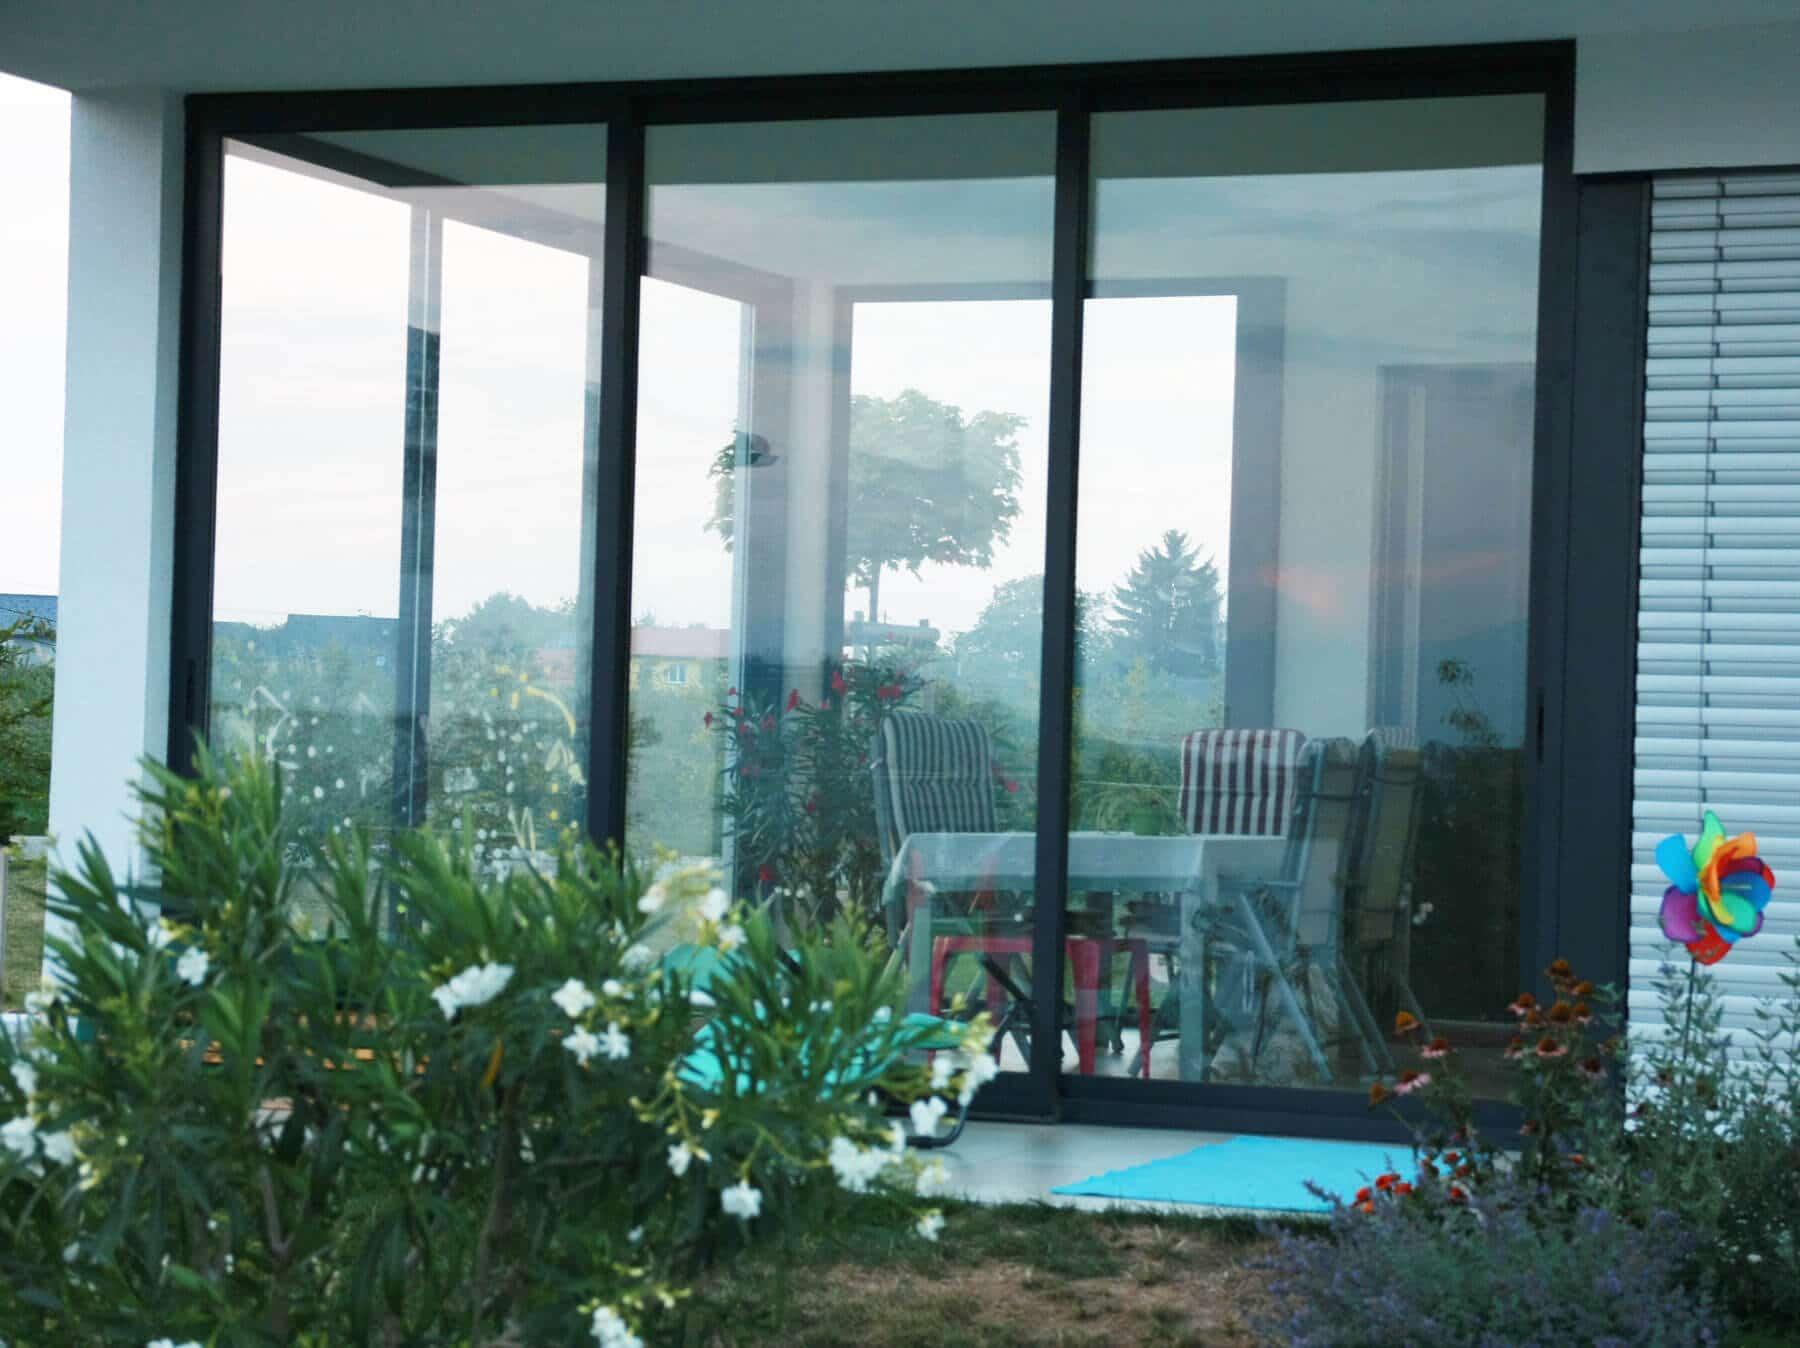 Aluminium-glas Schiebetüren Für Terrasse - Fenster Schmidinger Schiebeturen Fur Die Terrasse